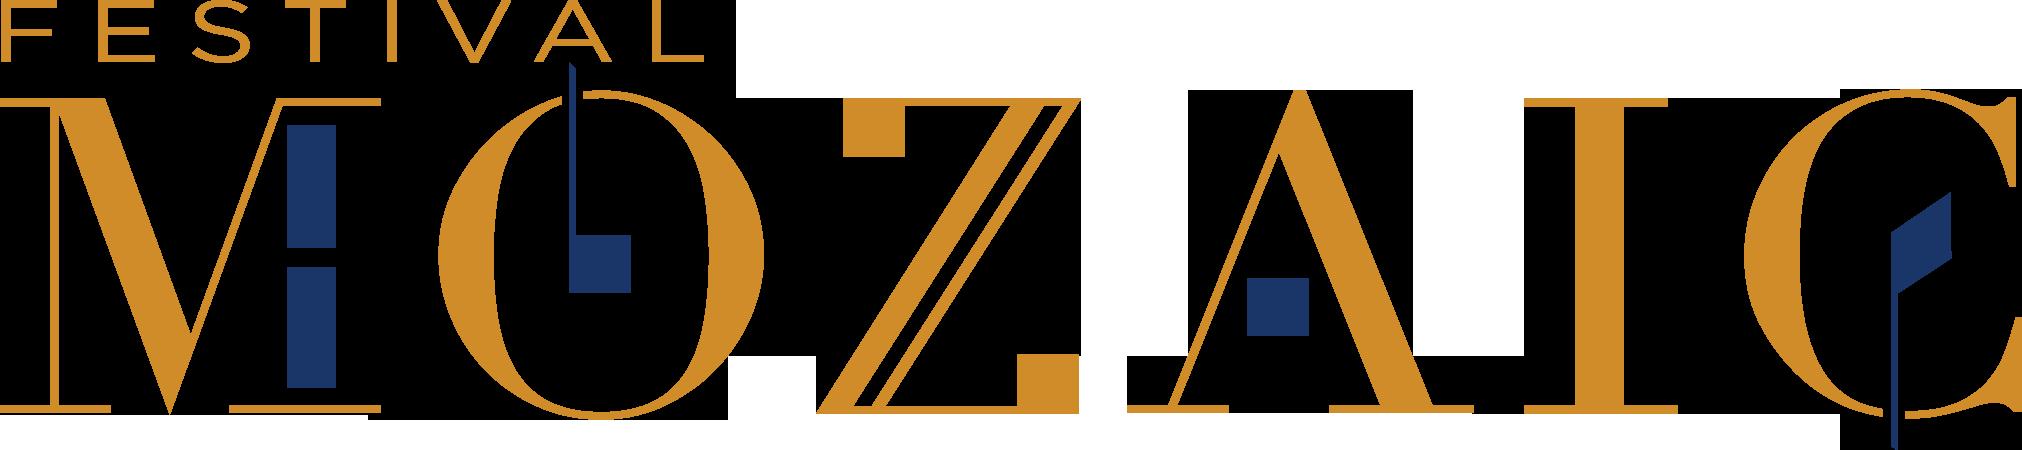 festival-logo-new-color-transparent